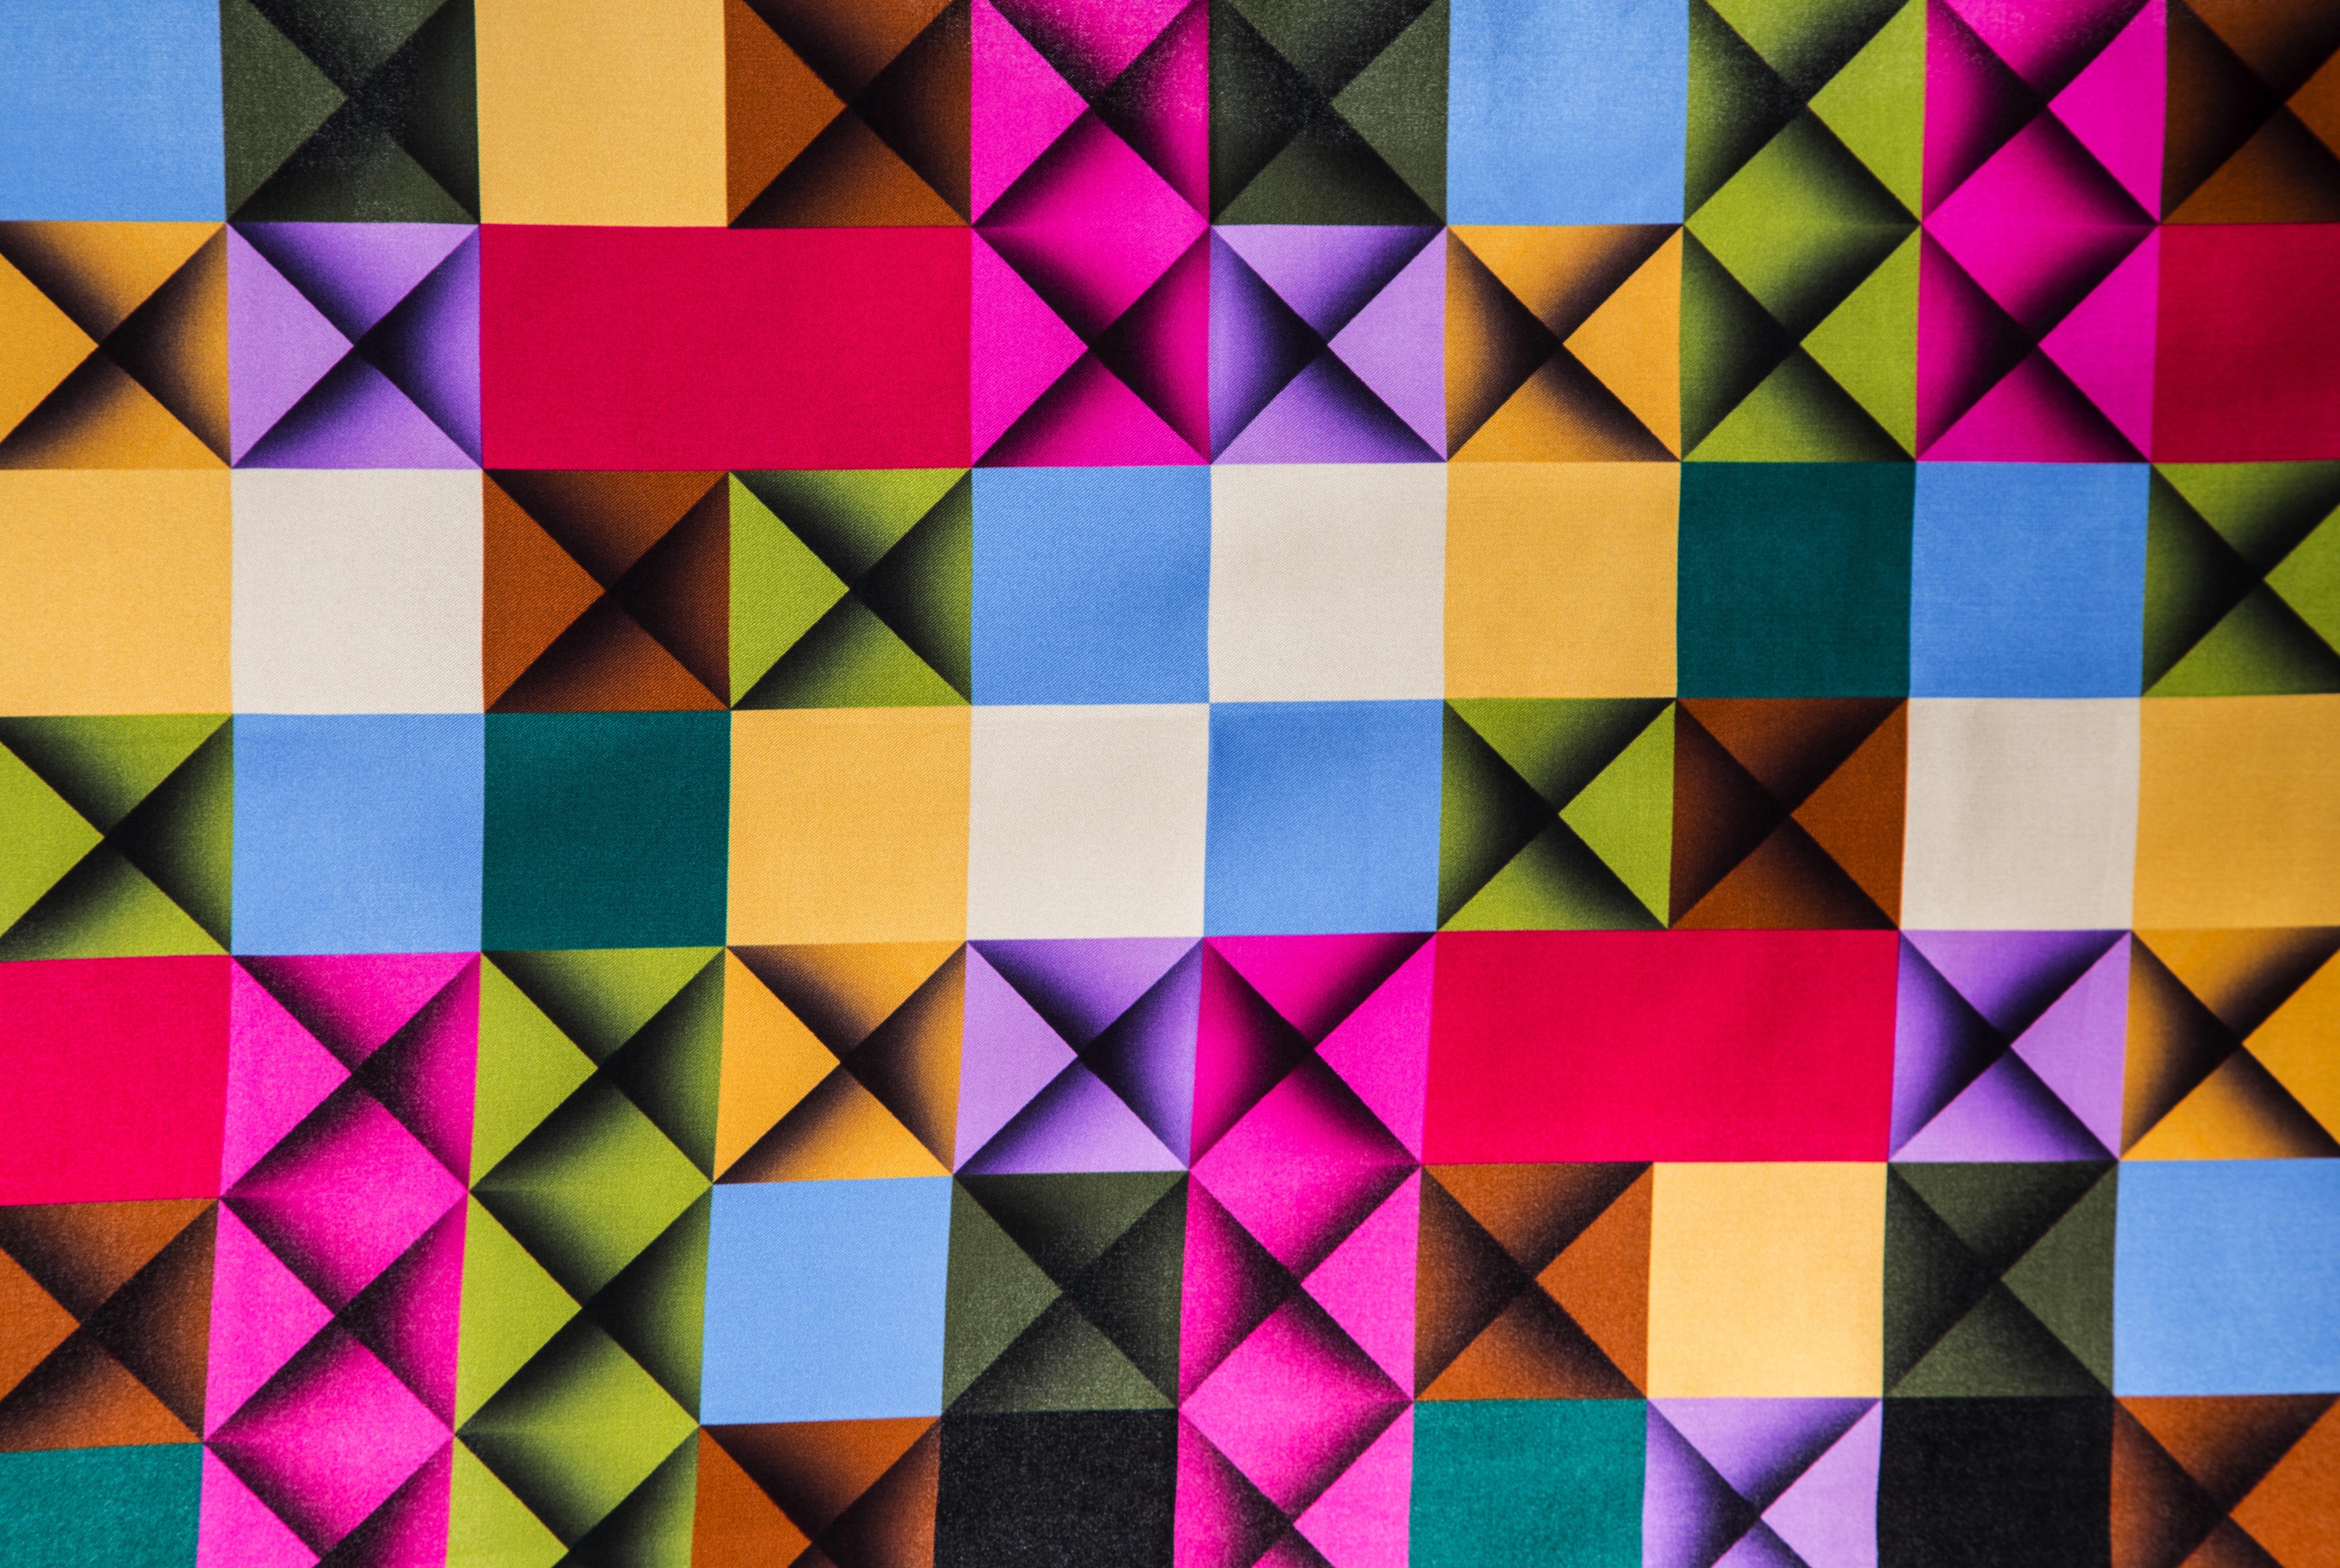 63627 завантажити шпалери Різнобарвний, Строката, Текстура, Текстури, Поверхня, Клітини - заставки і картинки безкоштовно